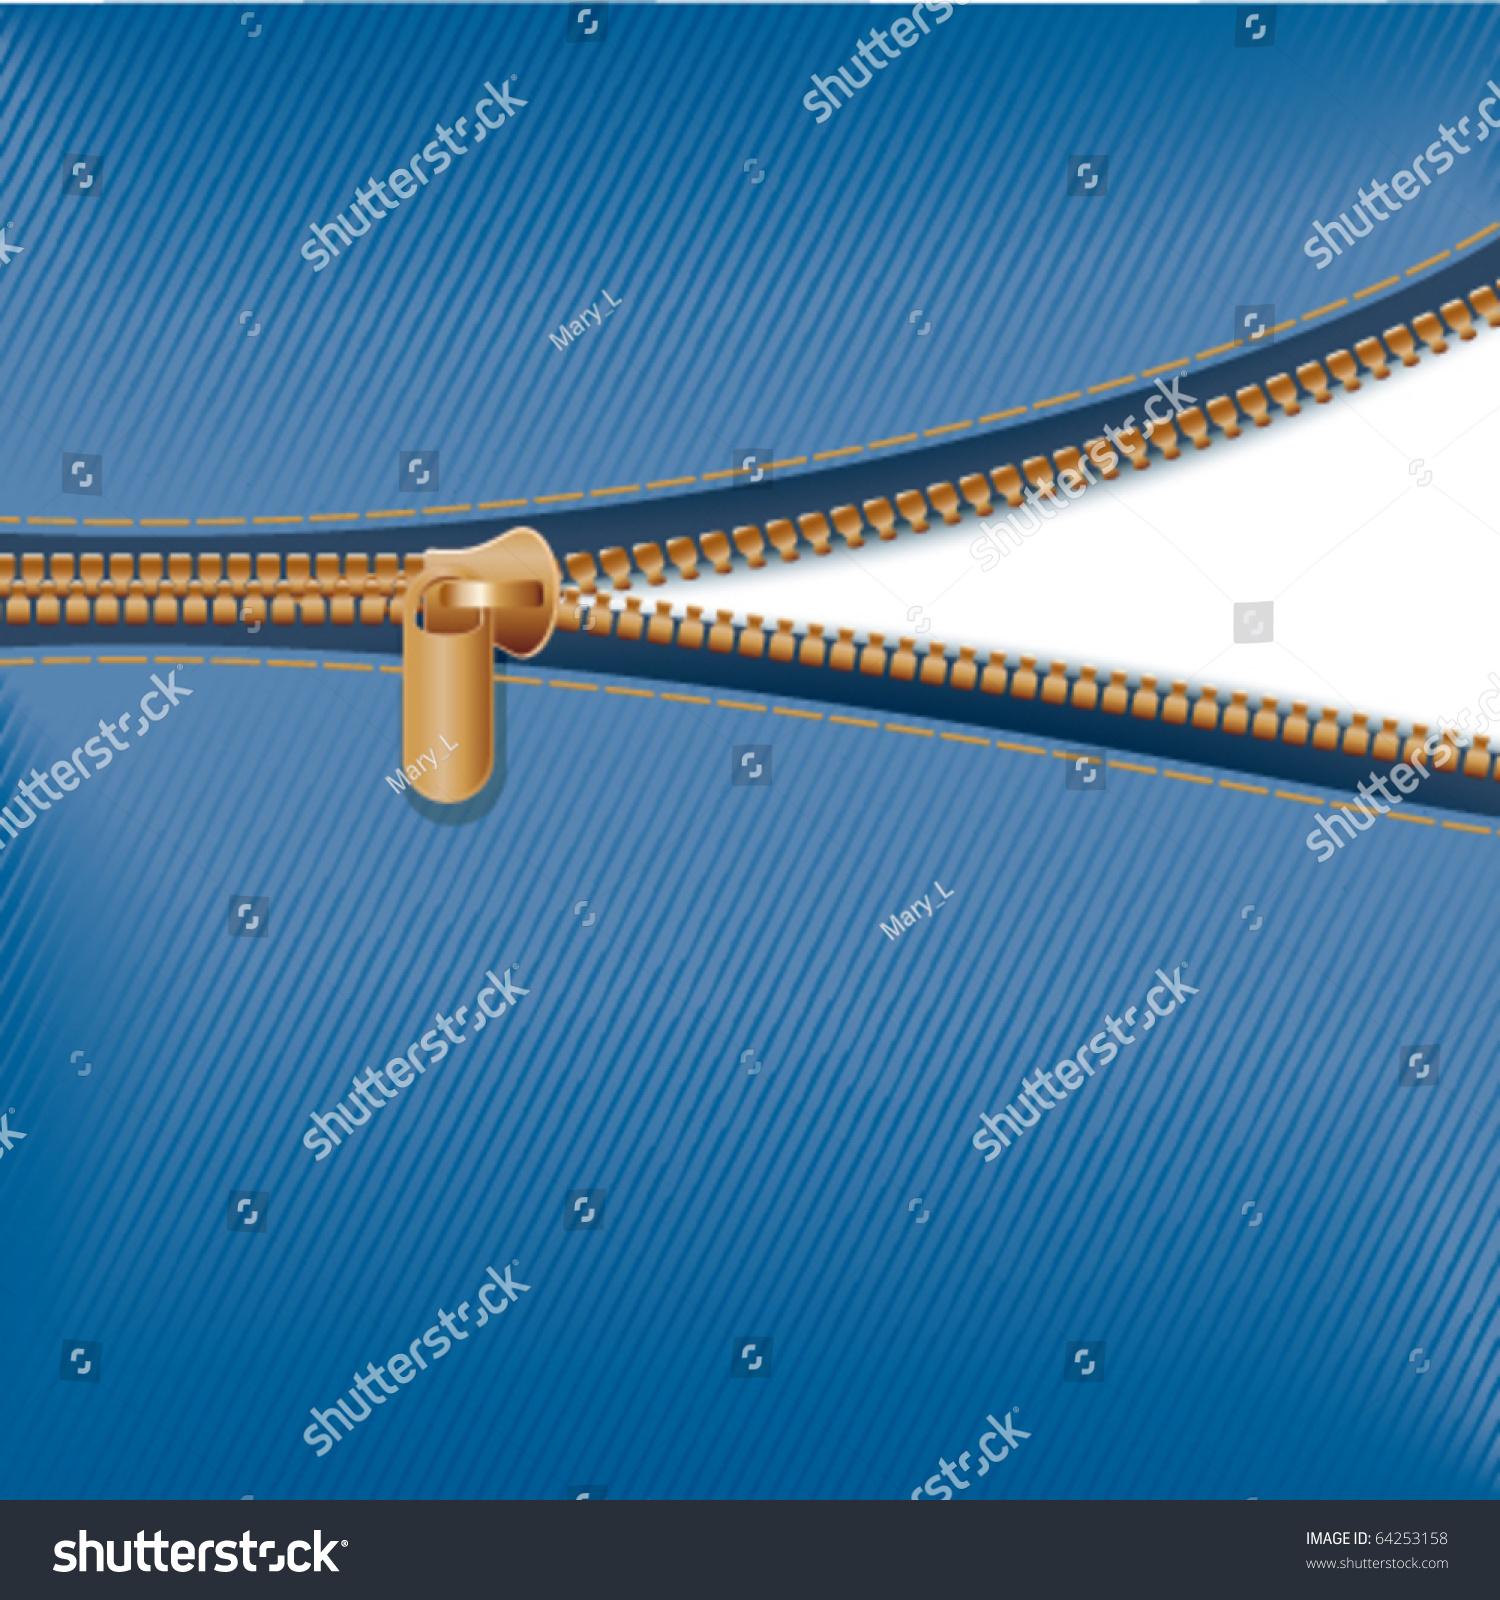 拉链用蓝色布料-背景/素材